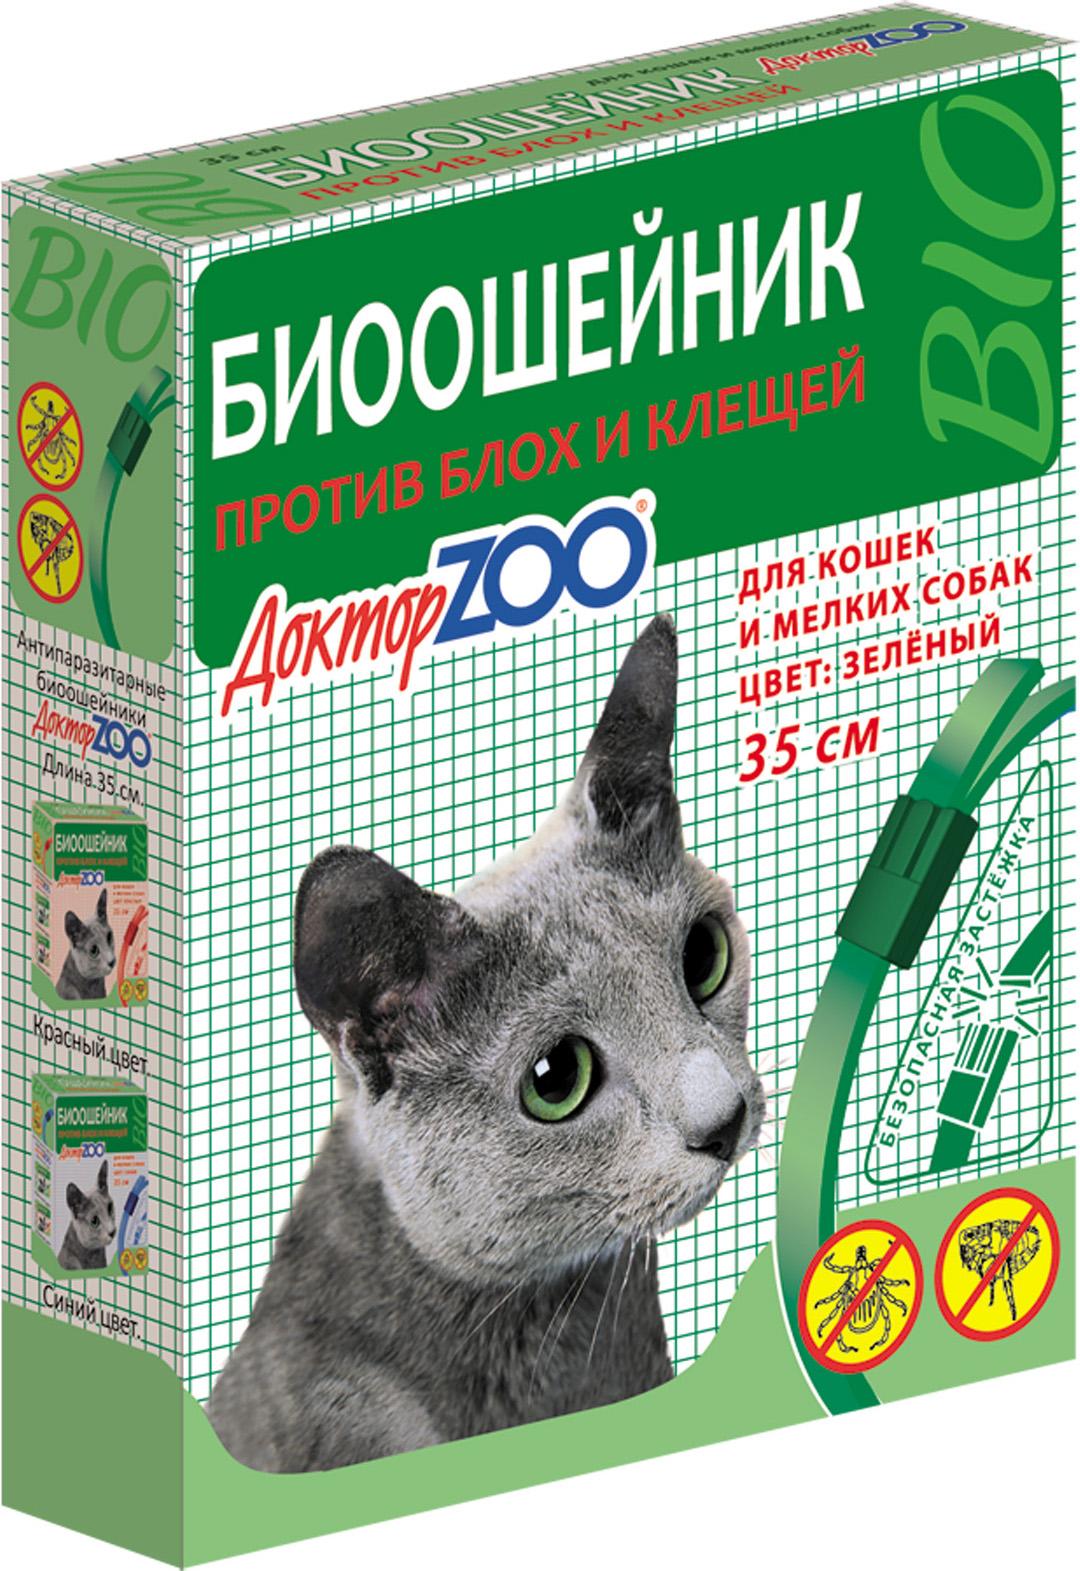 БИОошейник Доктор ZOO для кошек и собак, от блох и клещей, зеленый, 35 см доктор zoo витамины оптом в нижнем новгороде